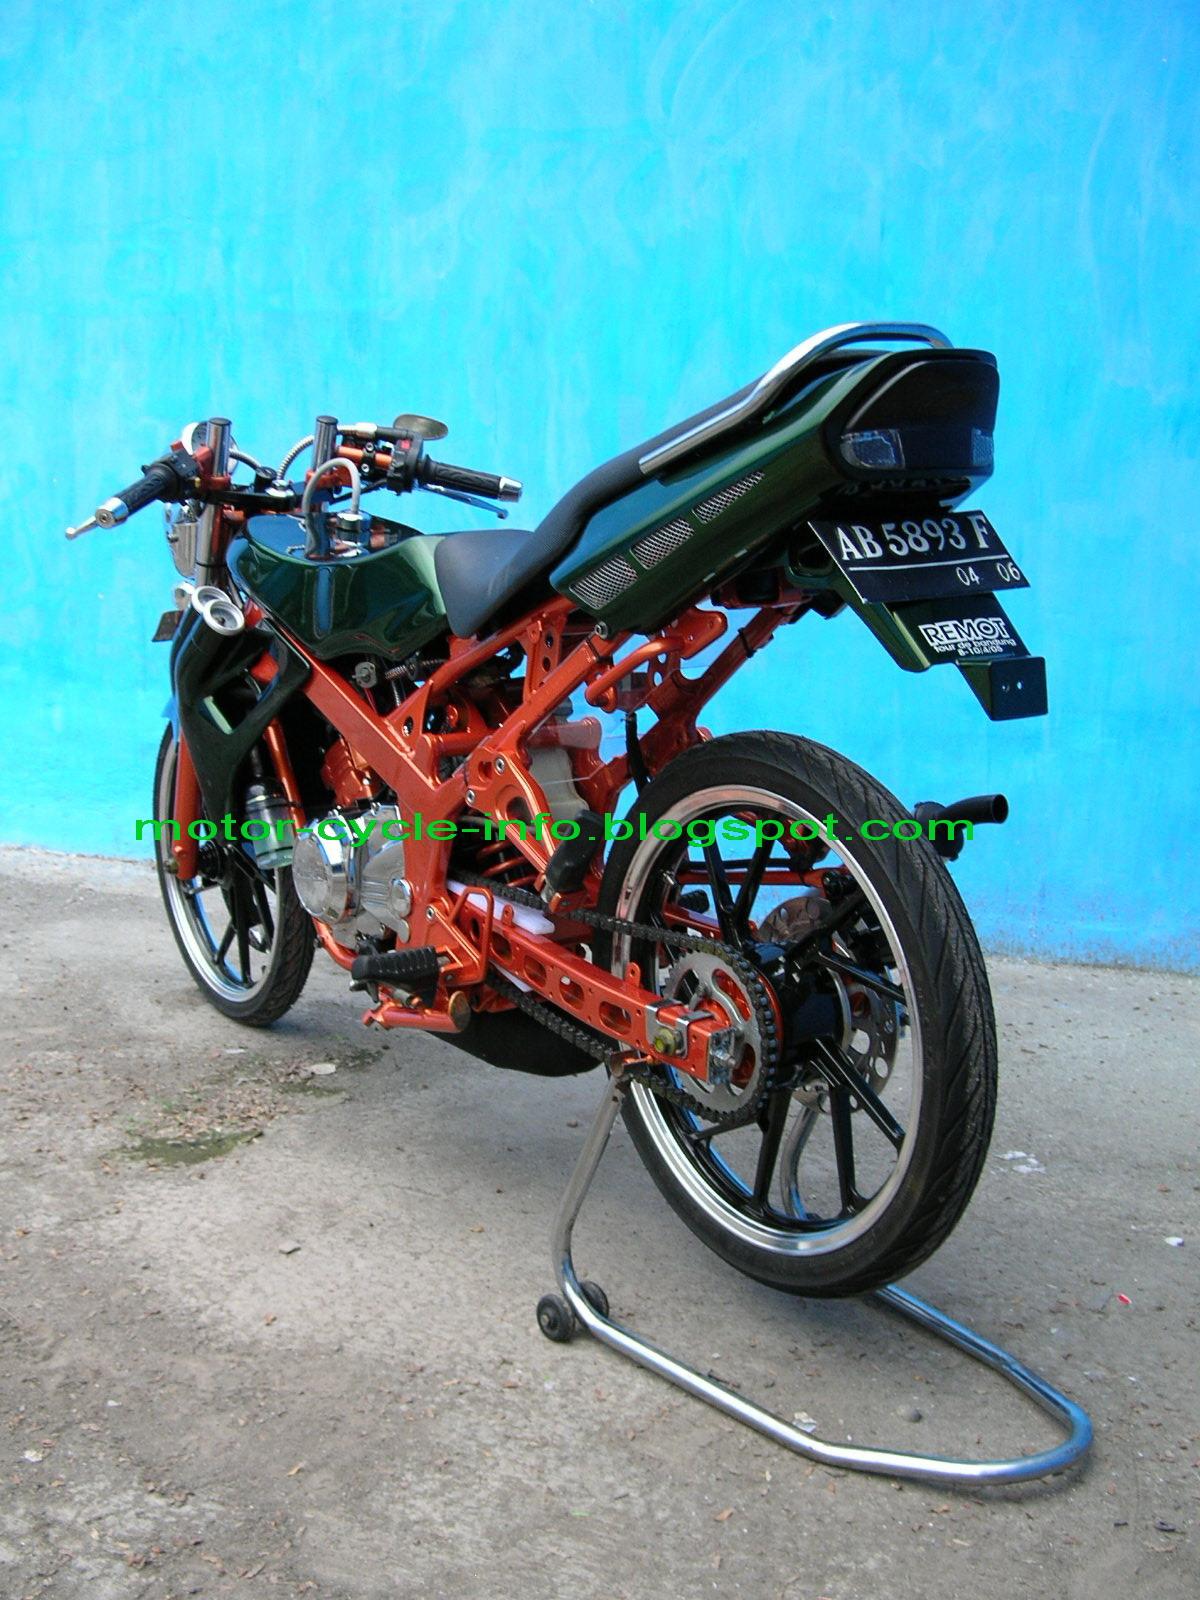 Gambar Motor Ninja RR Modifikasi Street Racing karya sendiri